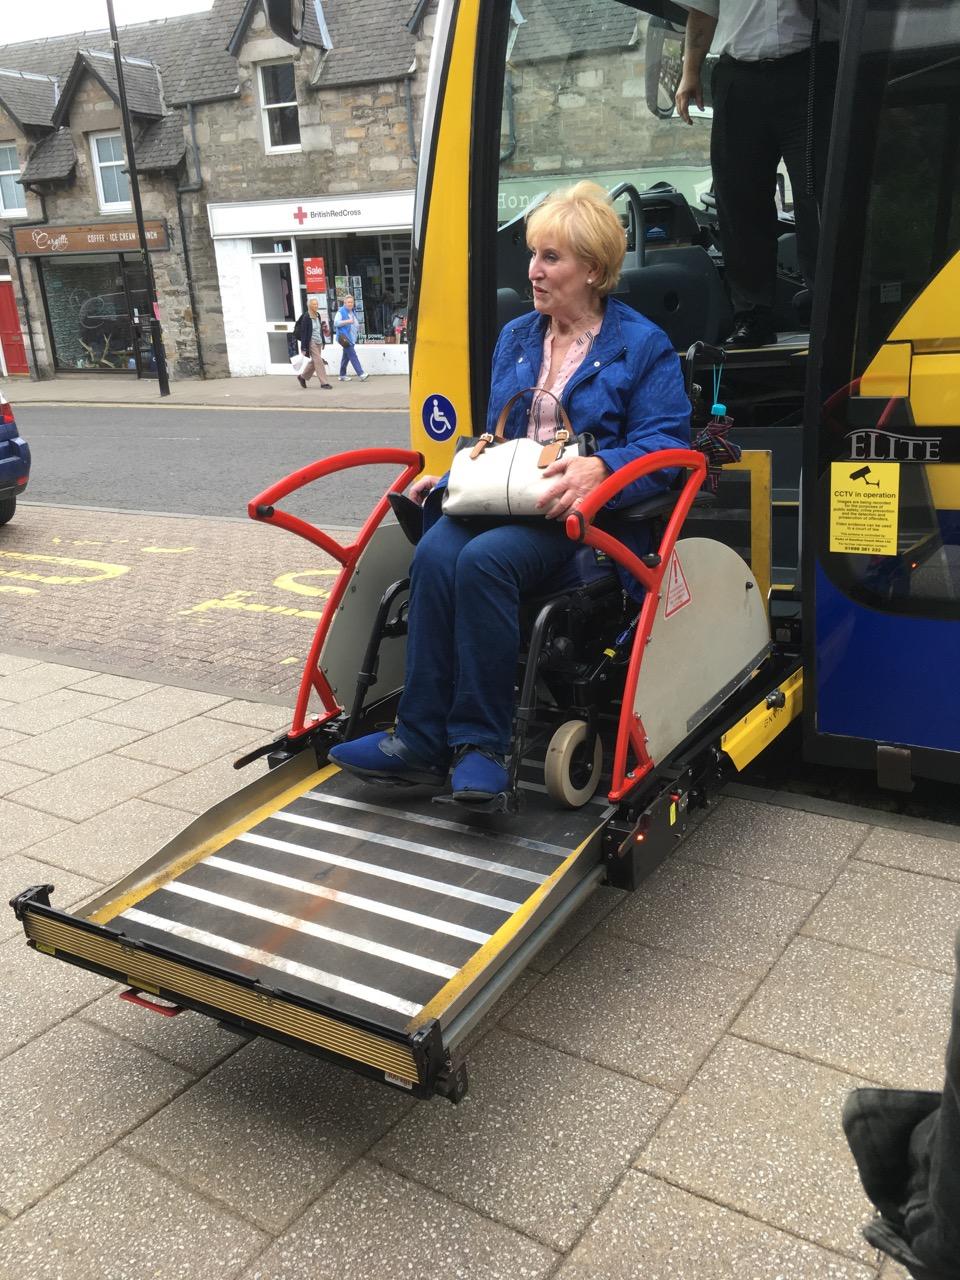 对残疾人士超级友好的CityLink大巴,事实上几乎所有公交车都这么人性